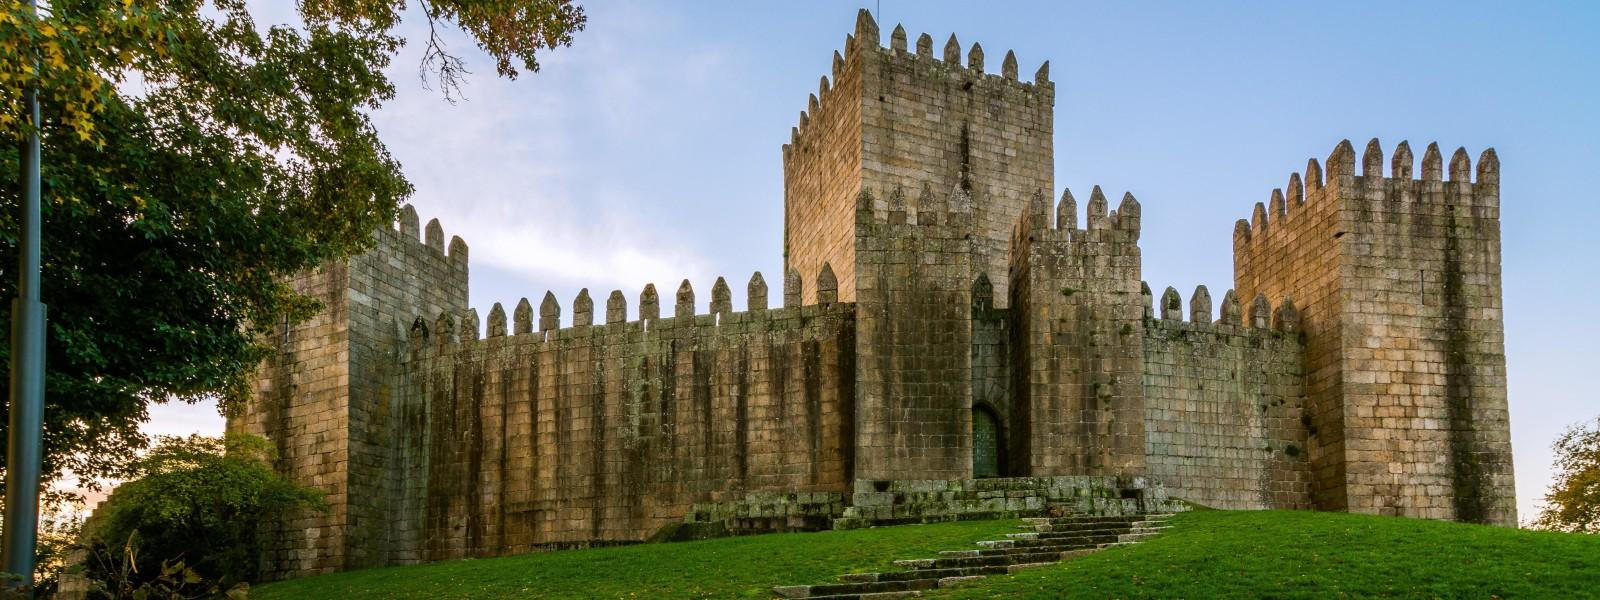 Guimarães-Tour-Guide